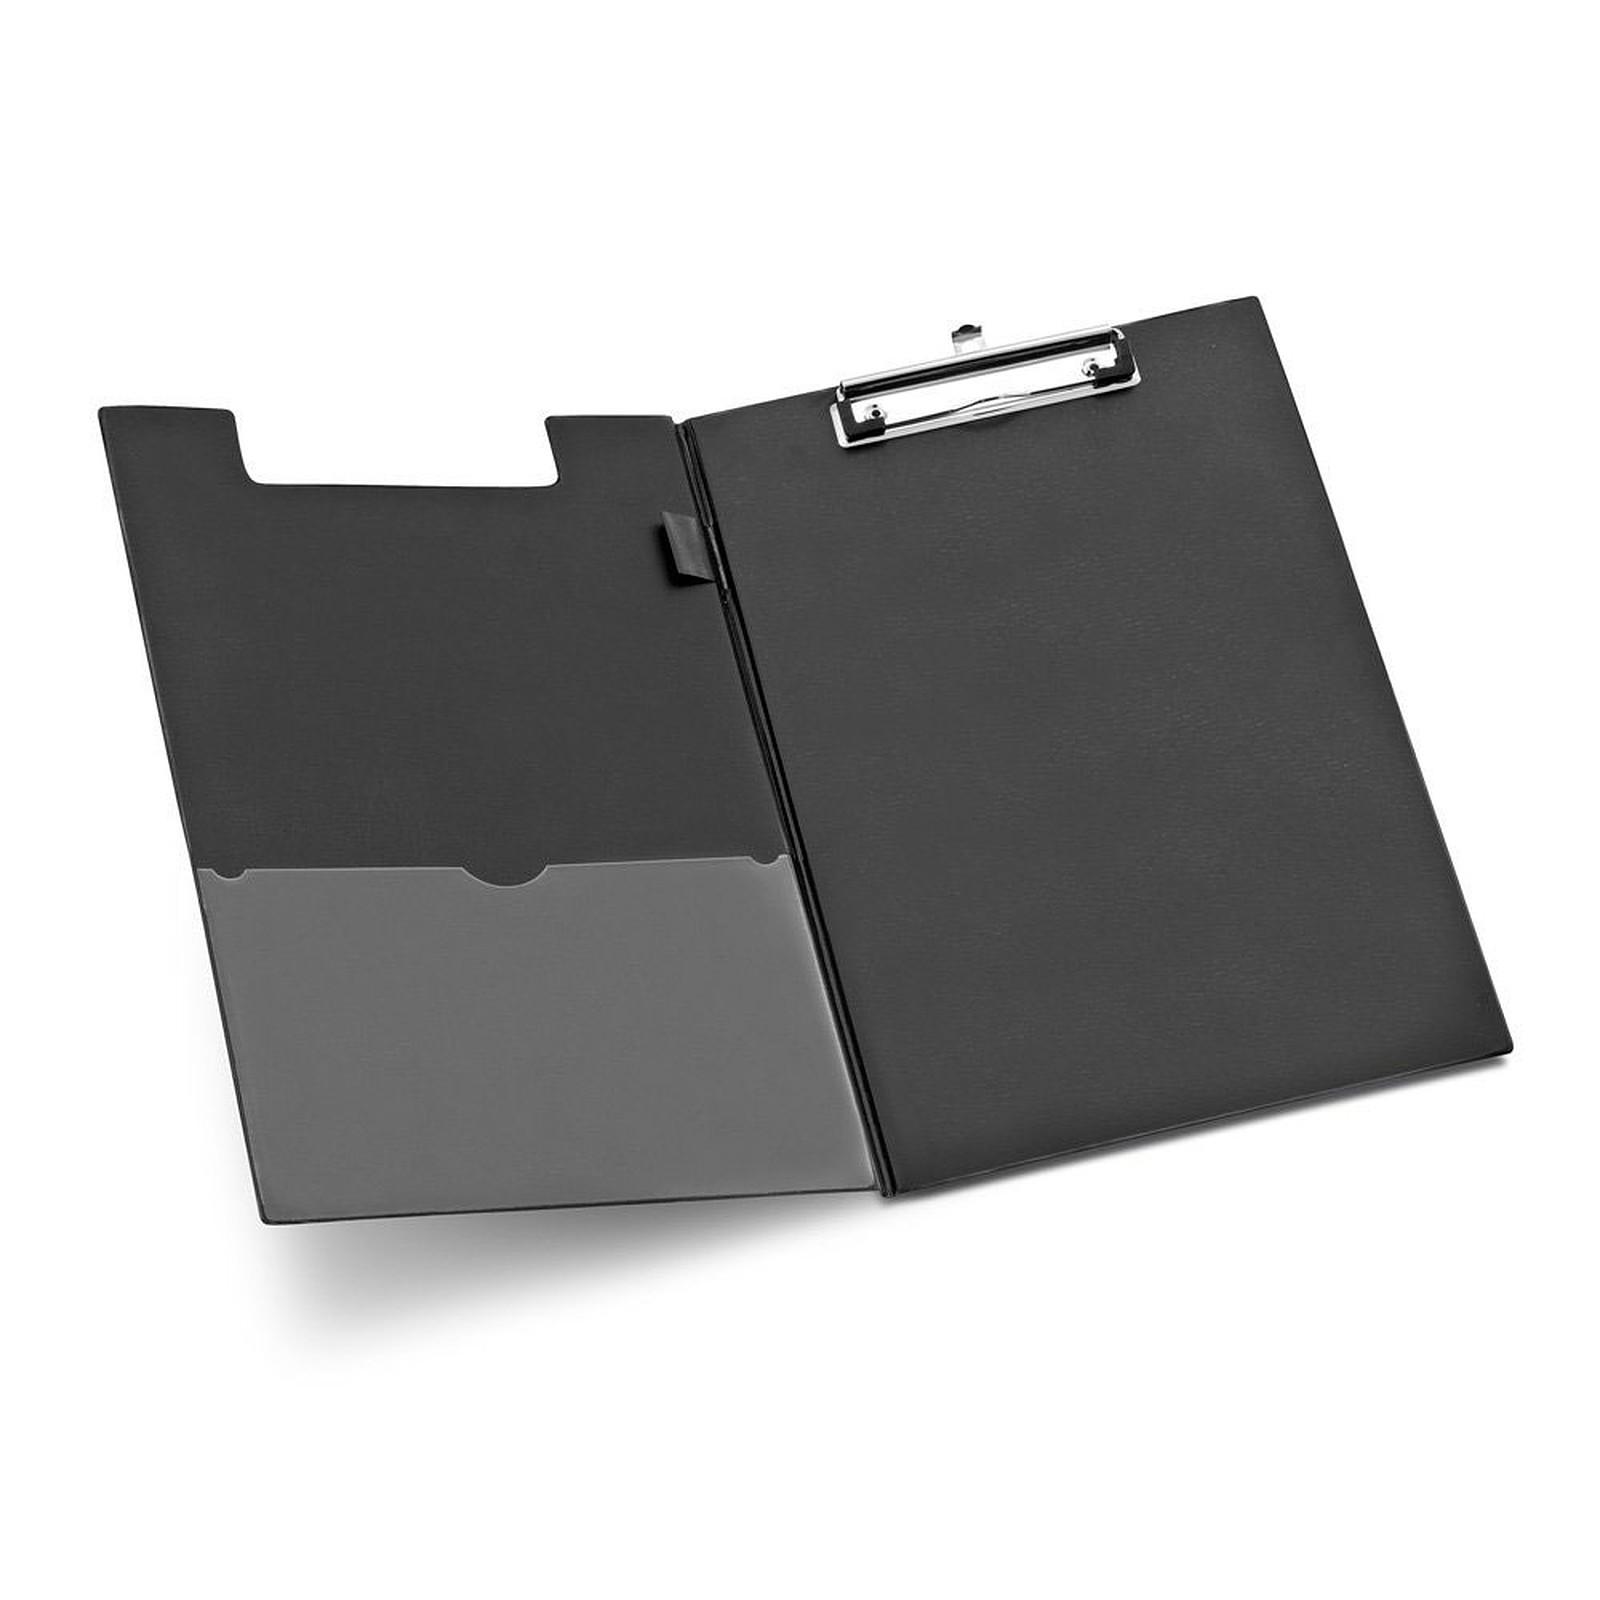 Porte-bloc A4 avec rabat avec pince coloris noir